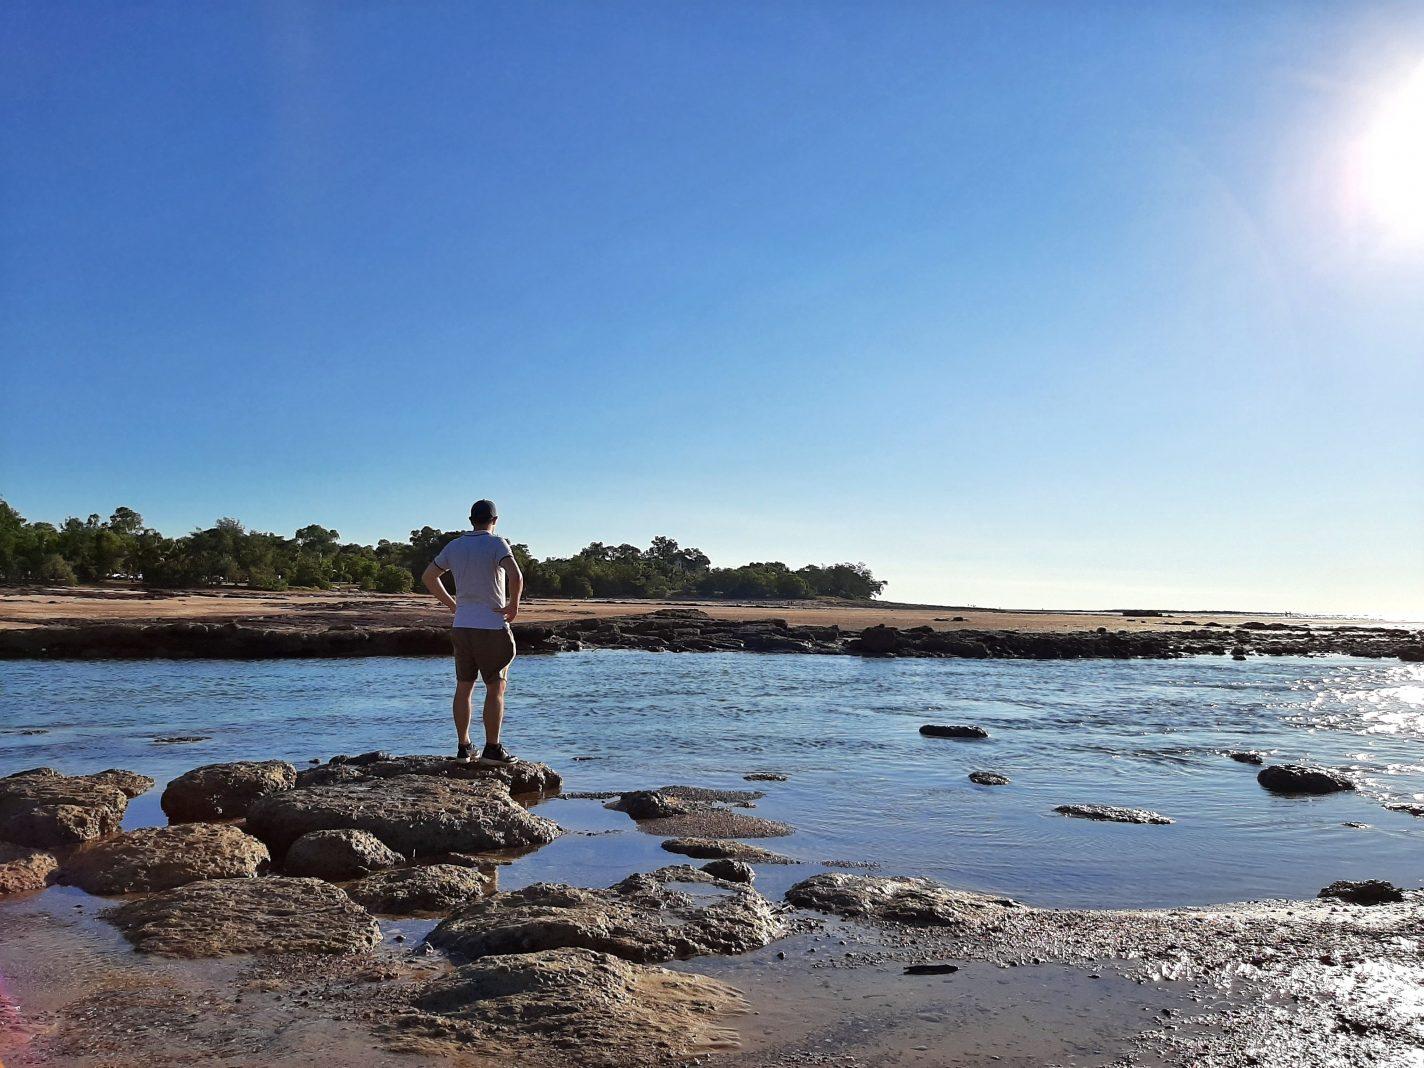 Uitzicht op het water, waar krokodillen kunnen zitten